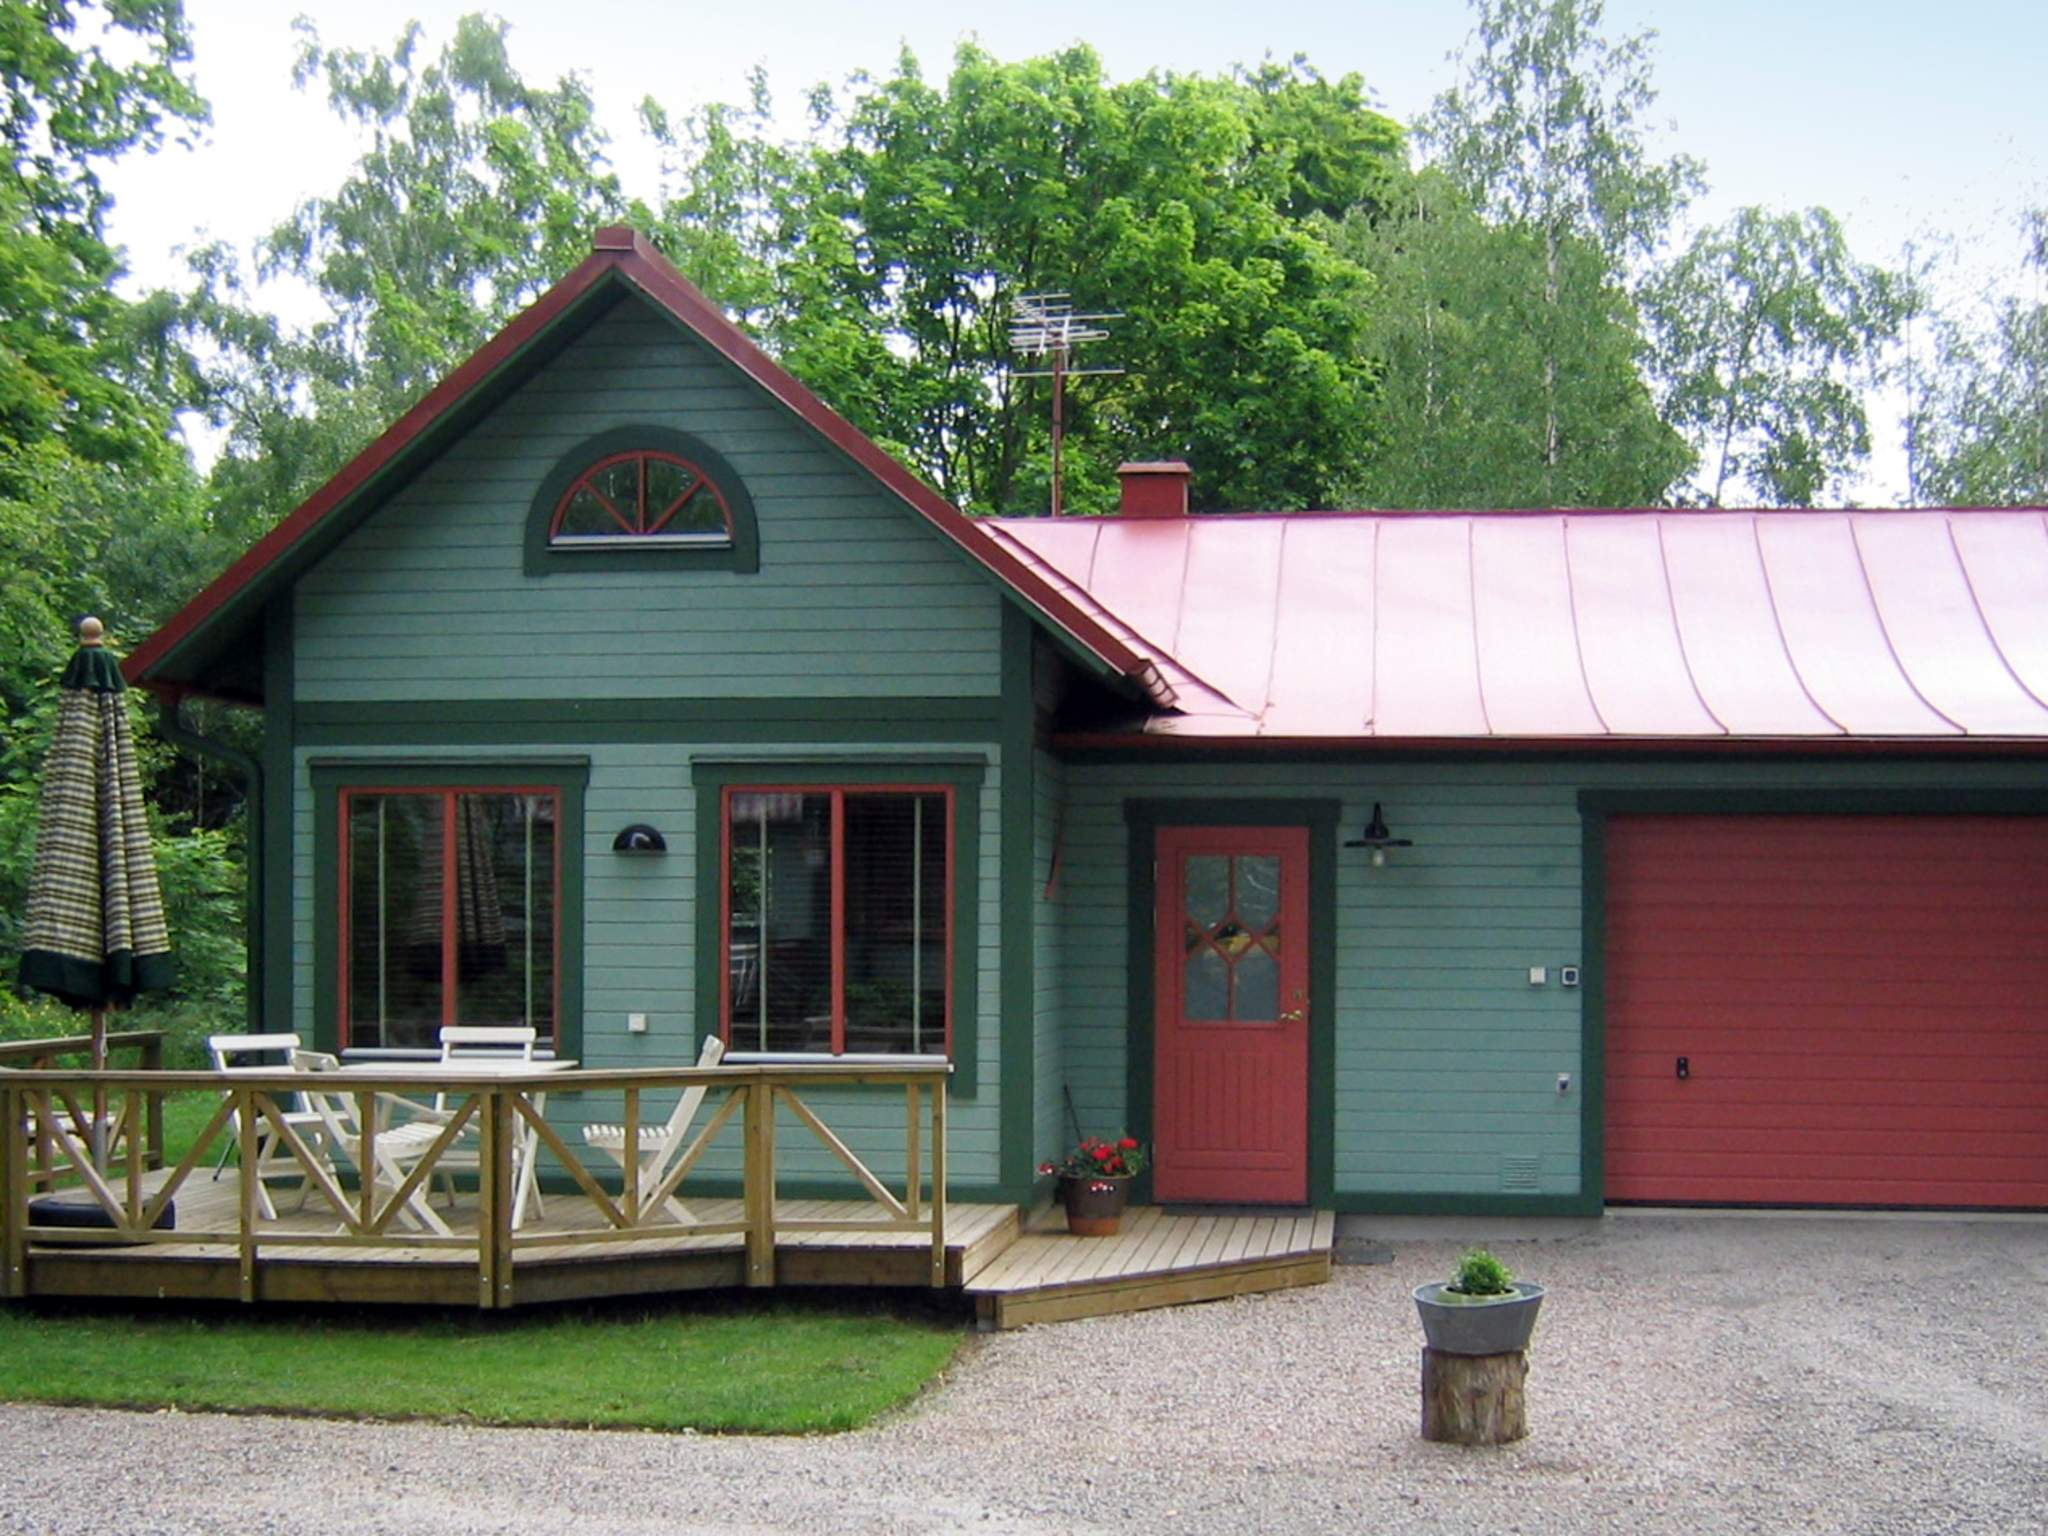 Ferienhaus Ronneby-Ekenäs (93532), Ronnebyhamn, Blekinge län, Südschweden, Schweden, Bild 1